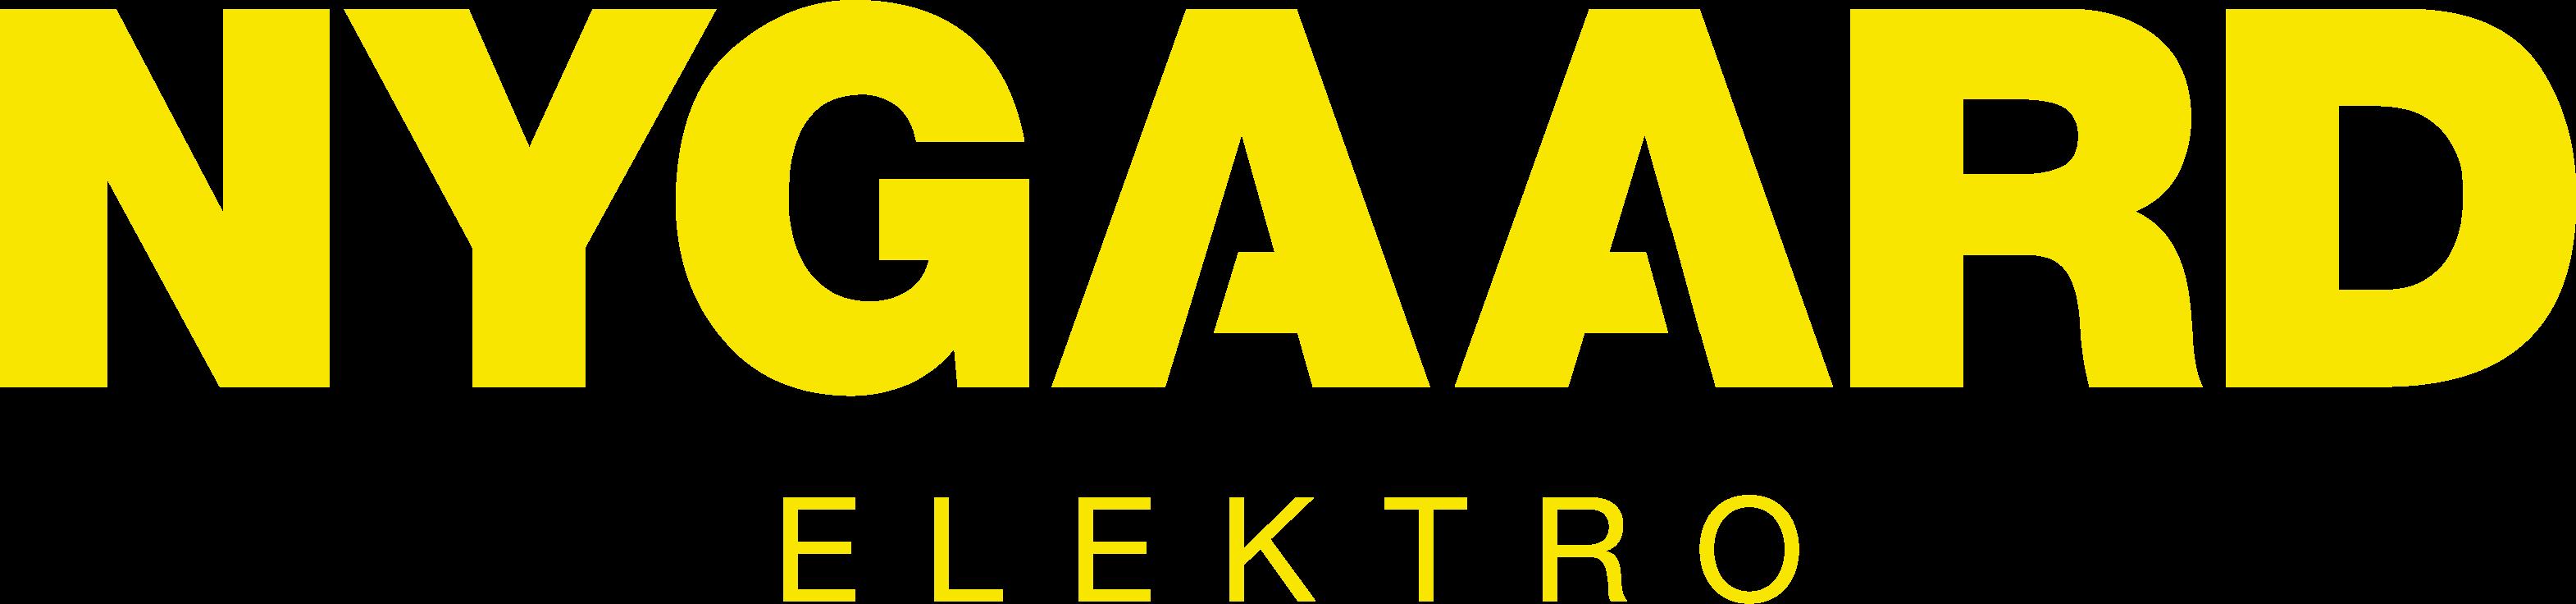 Elektriker i Bergen - Nygaard Elektro AS